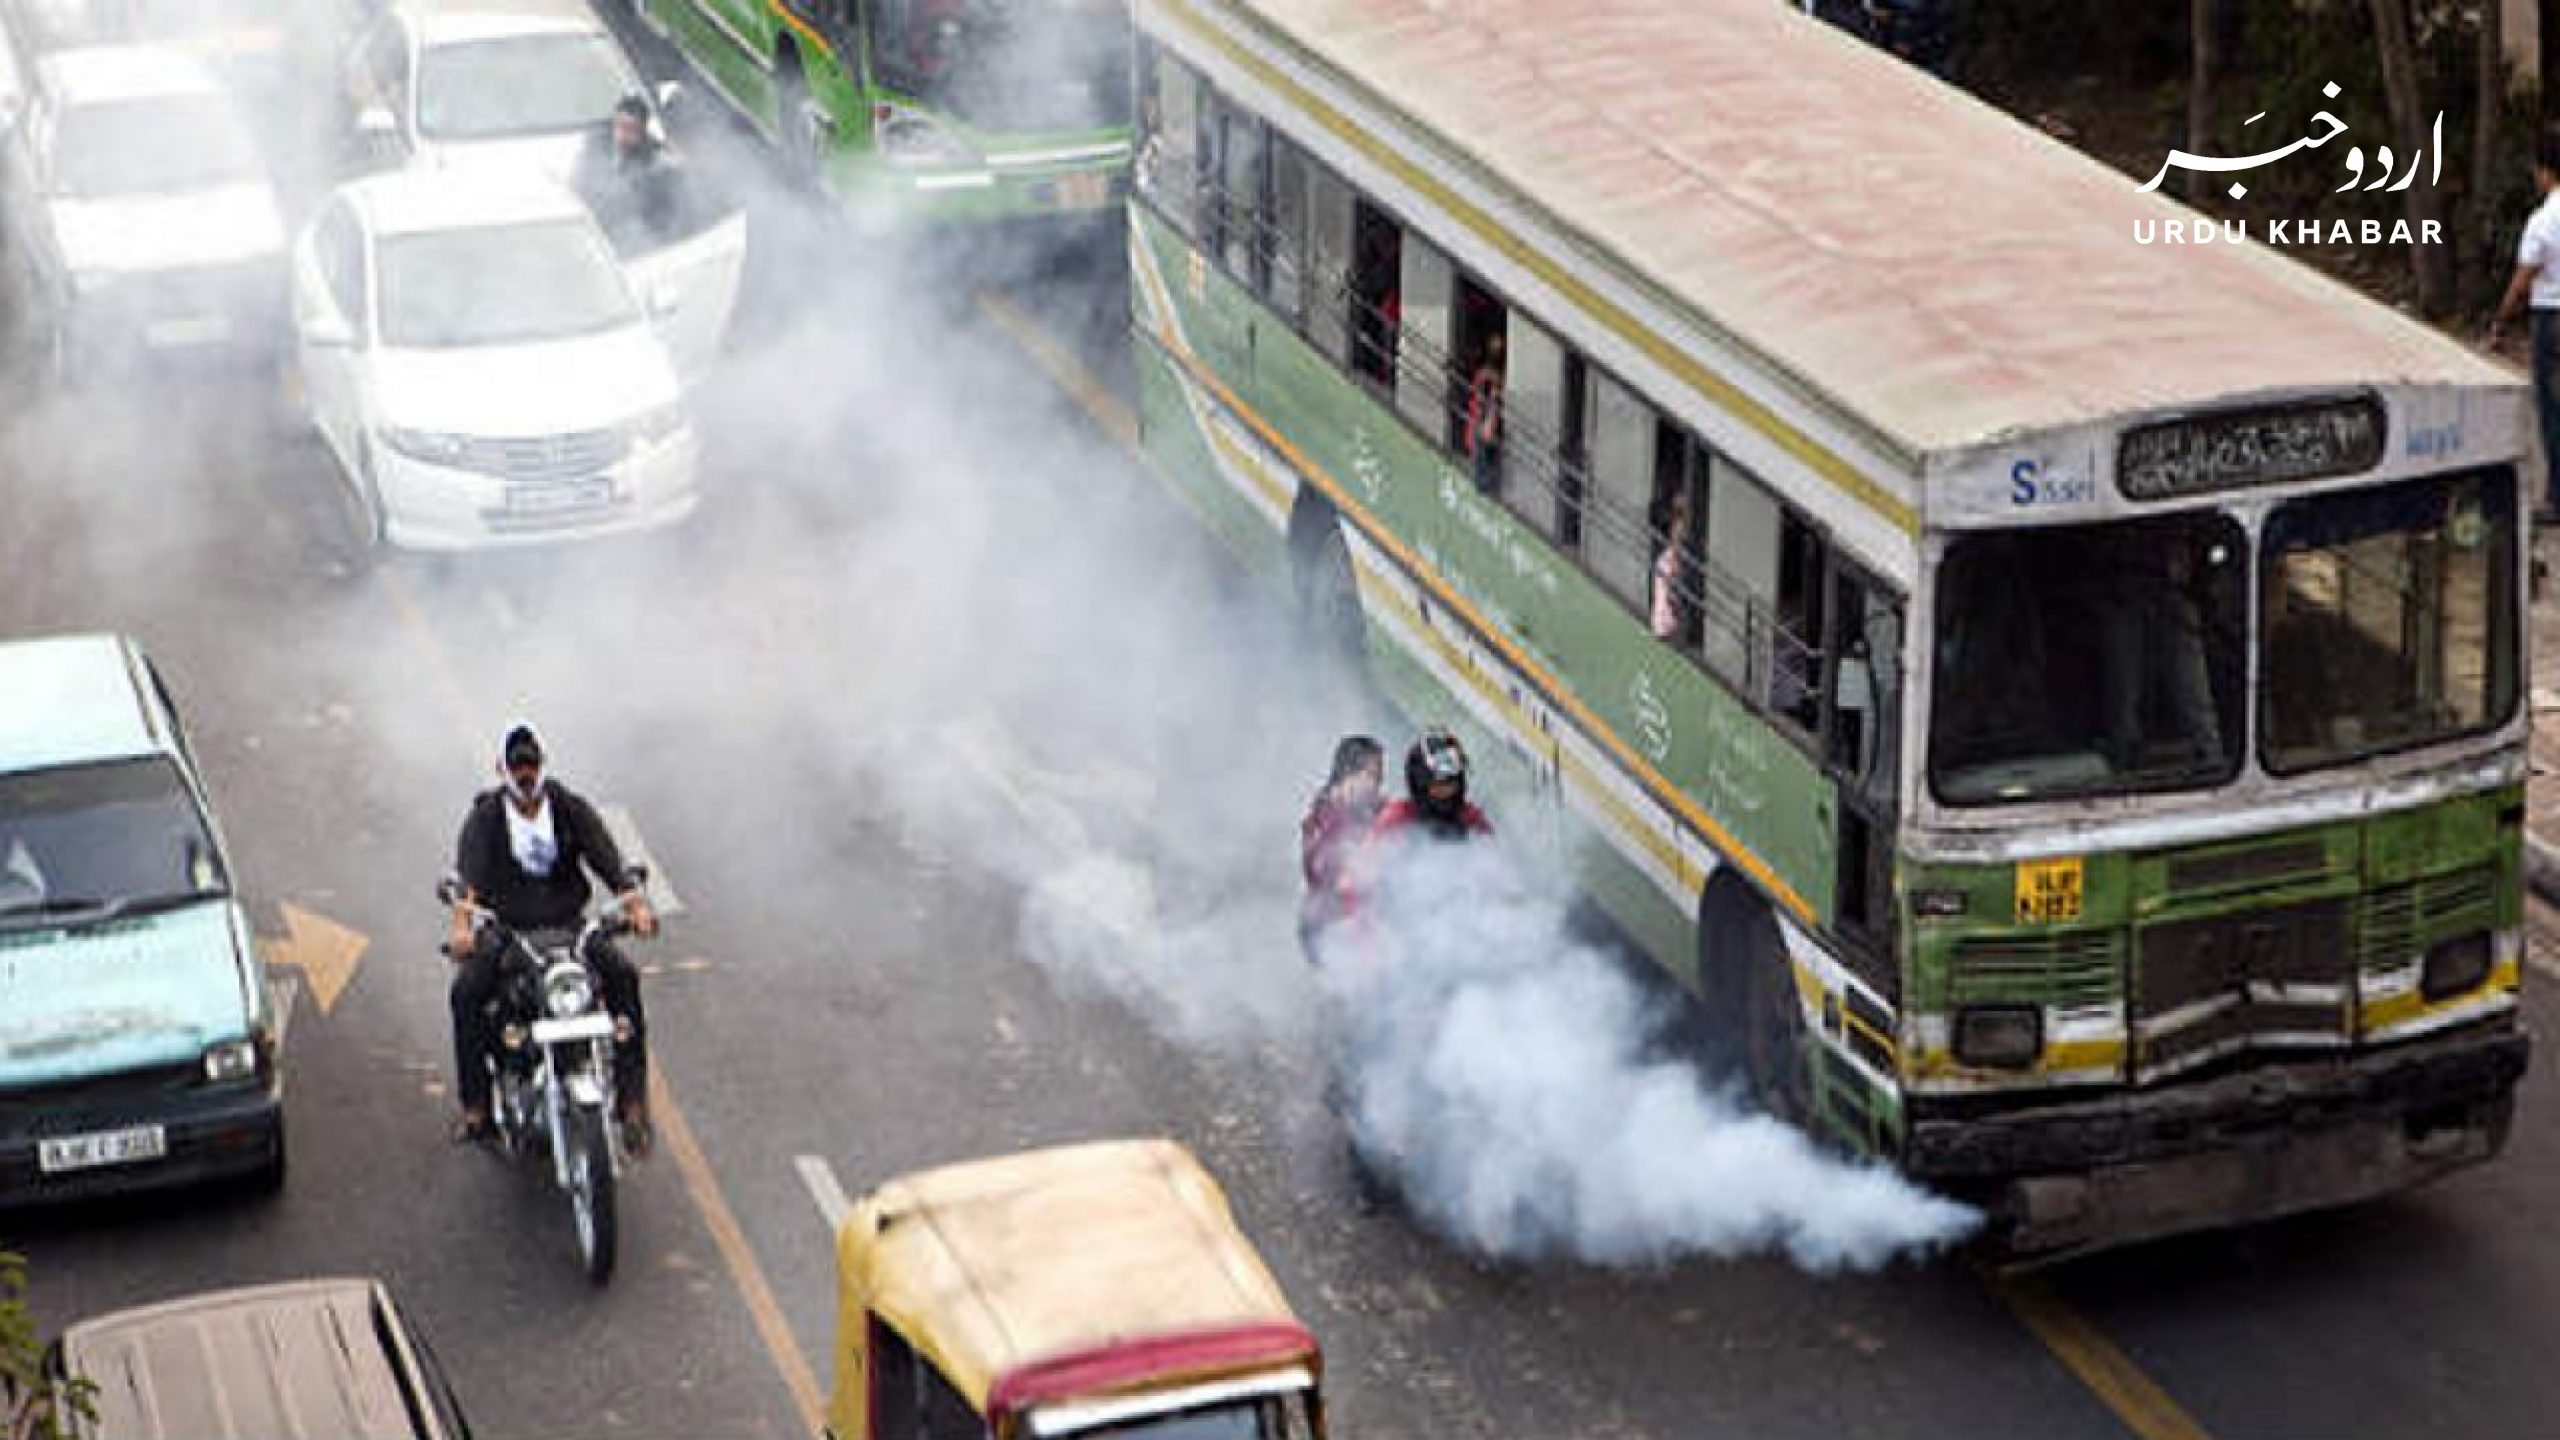 لاہور ایک دفعہ پھر دنیا کے آلودہ ترین شہروں میں سرفہرست